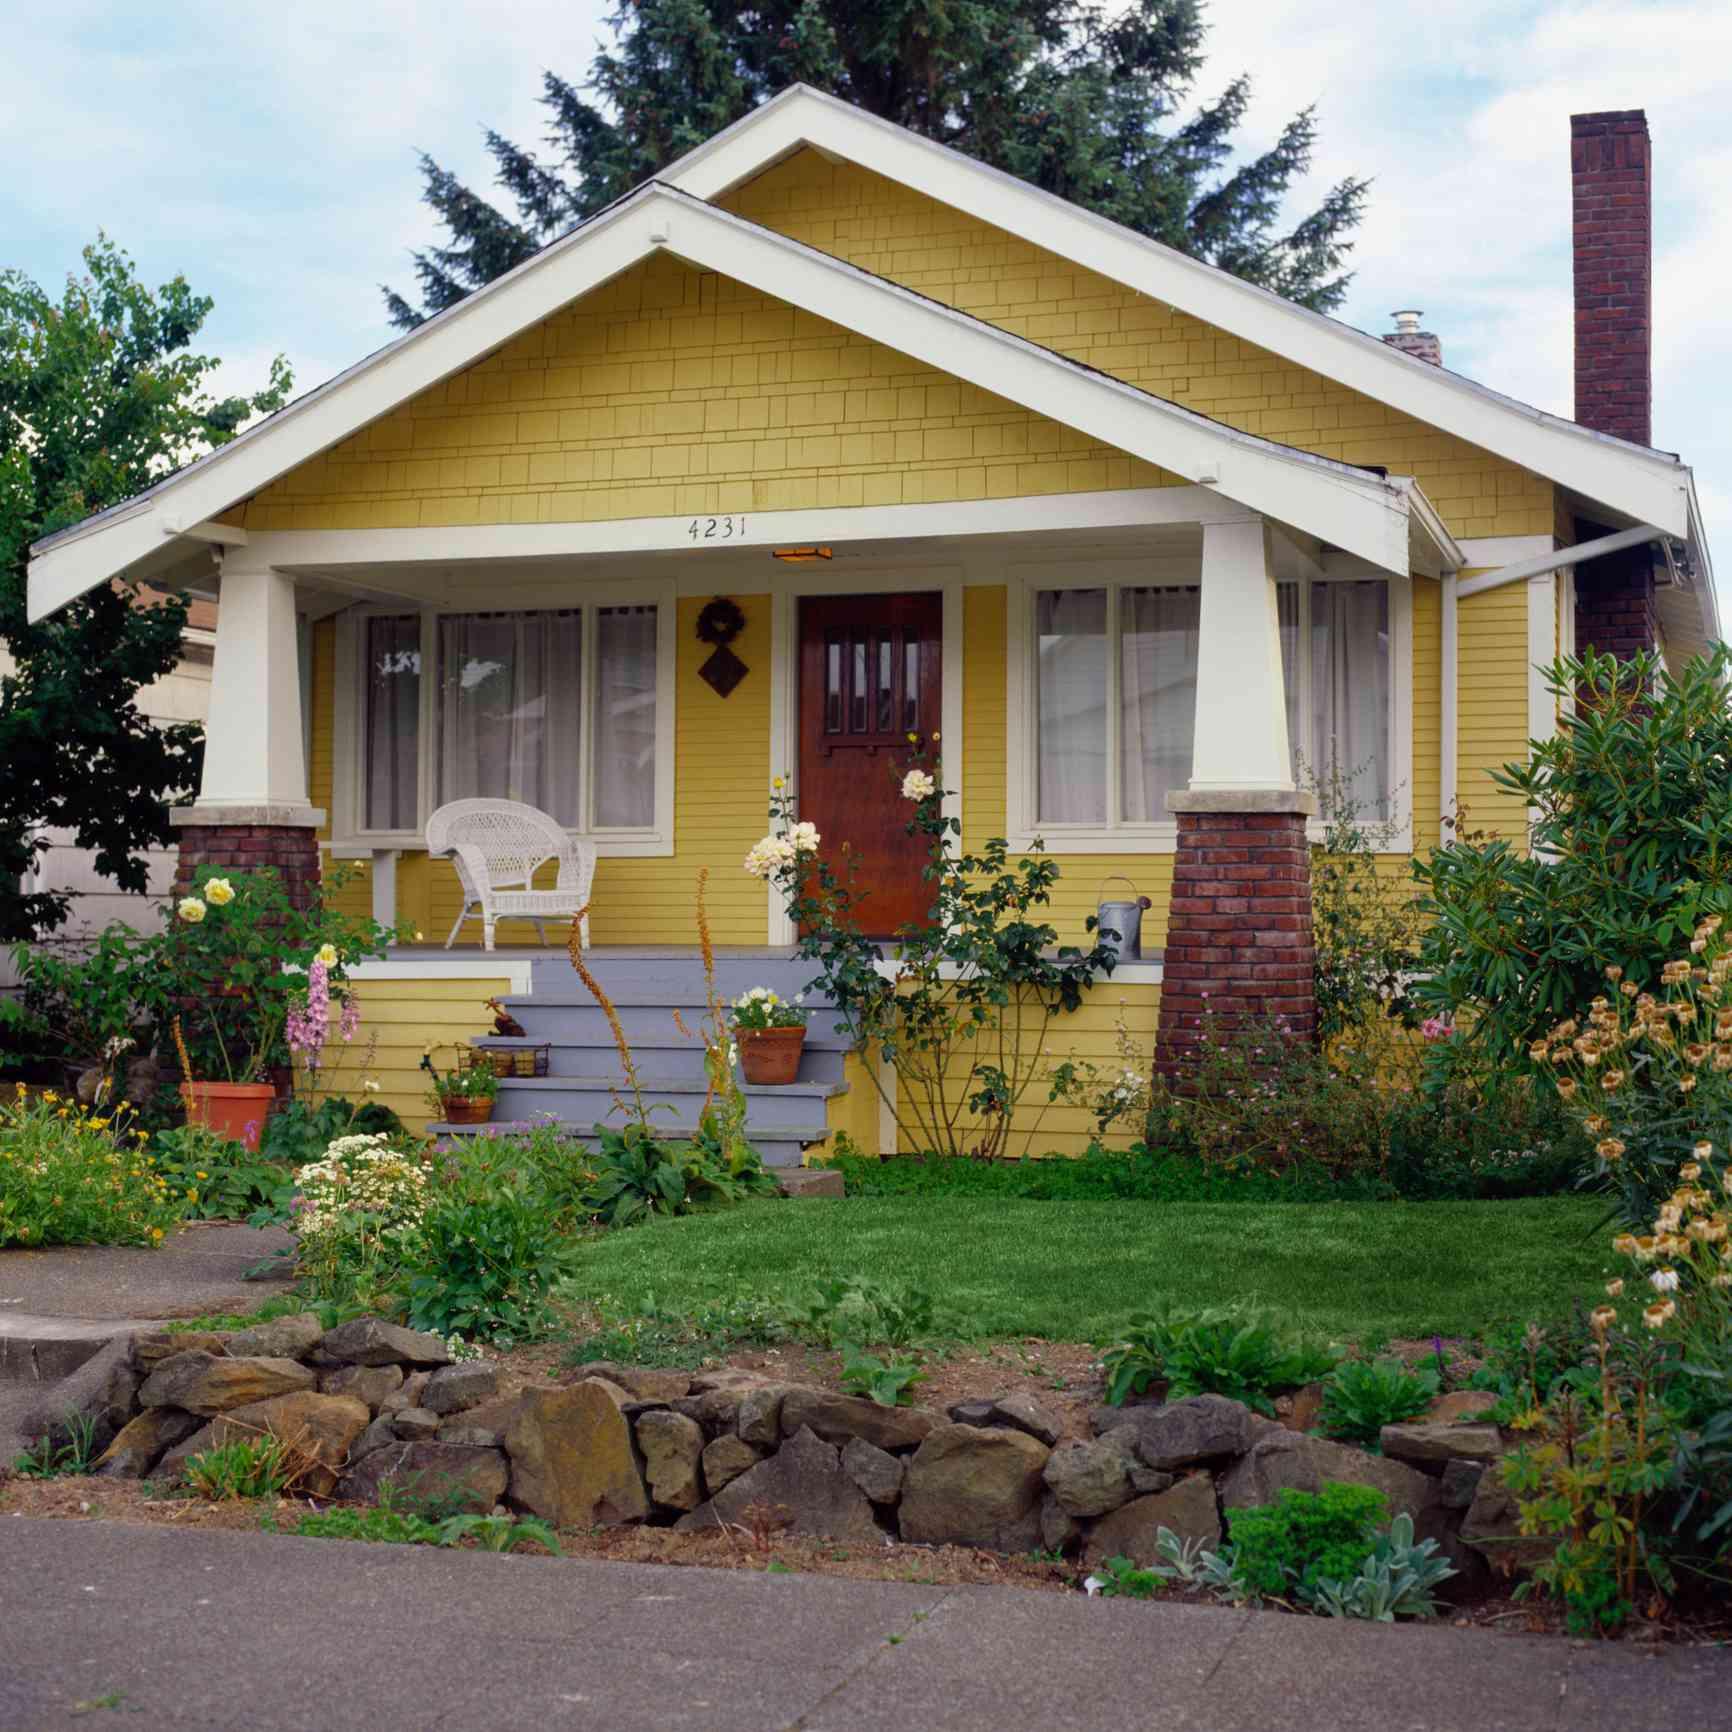 Casa de estilo bungalow amarillo con jardín, vista exterior